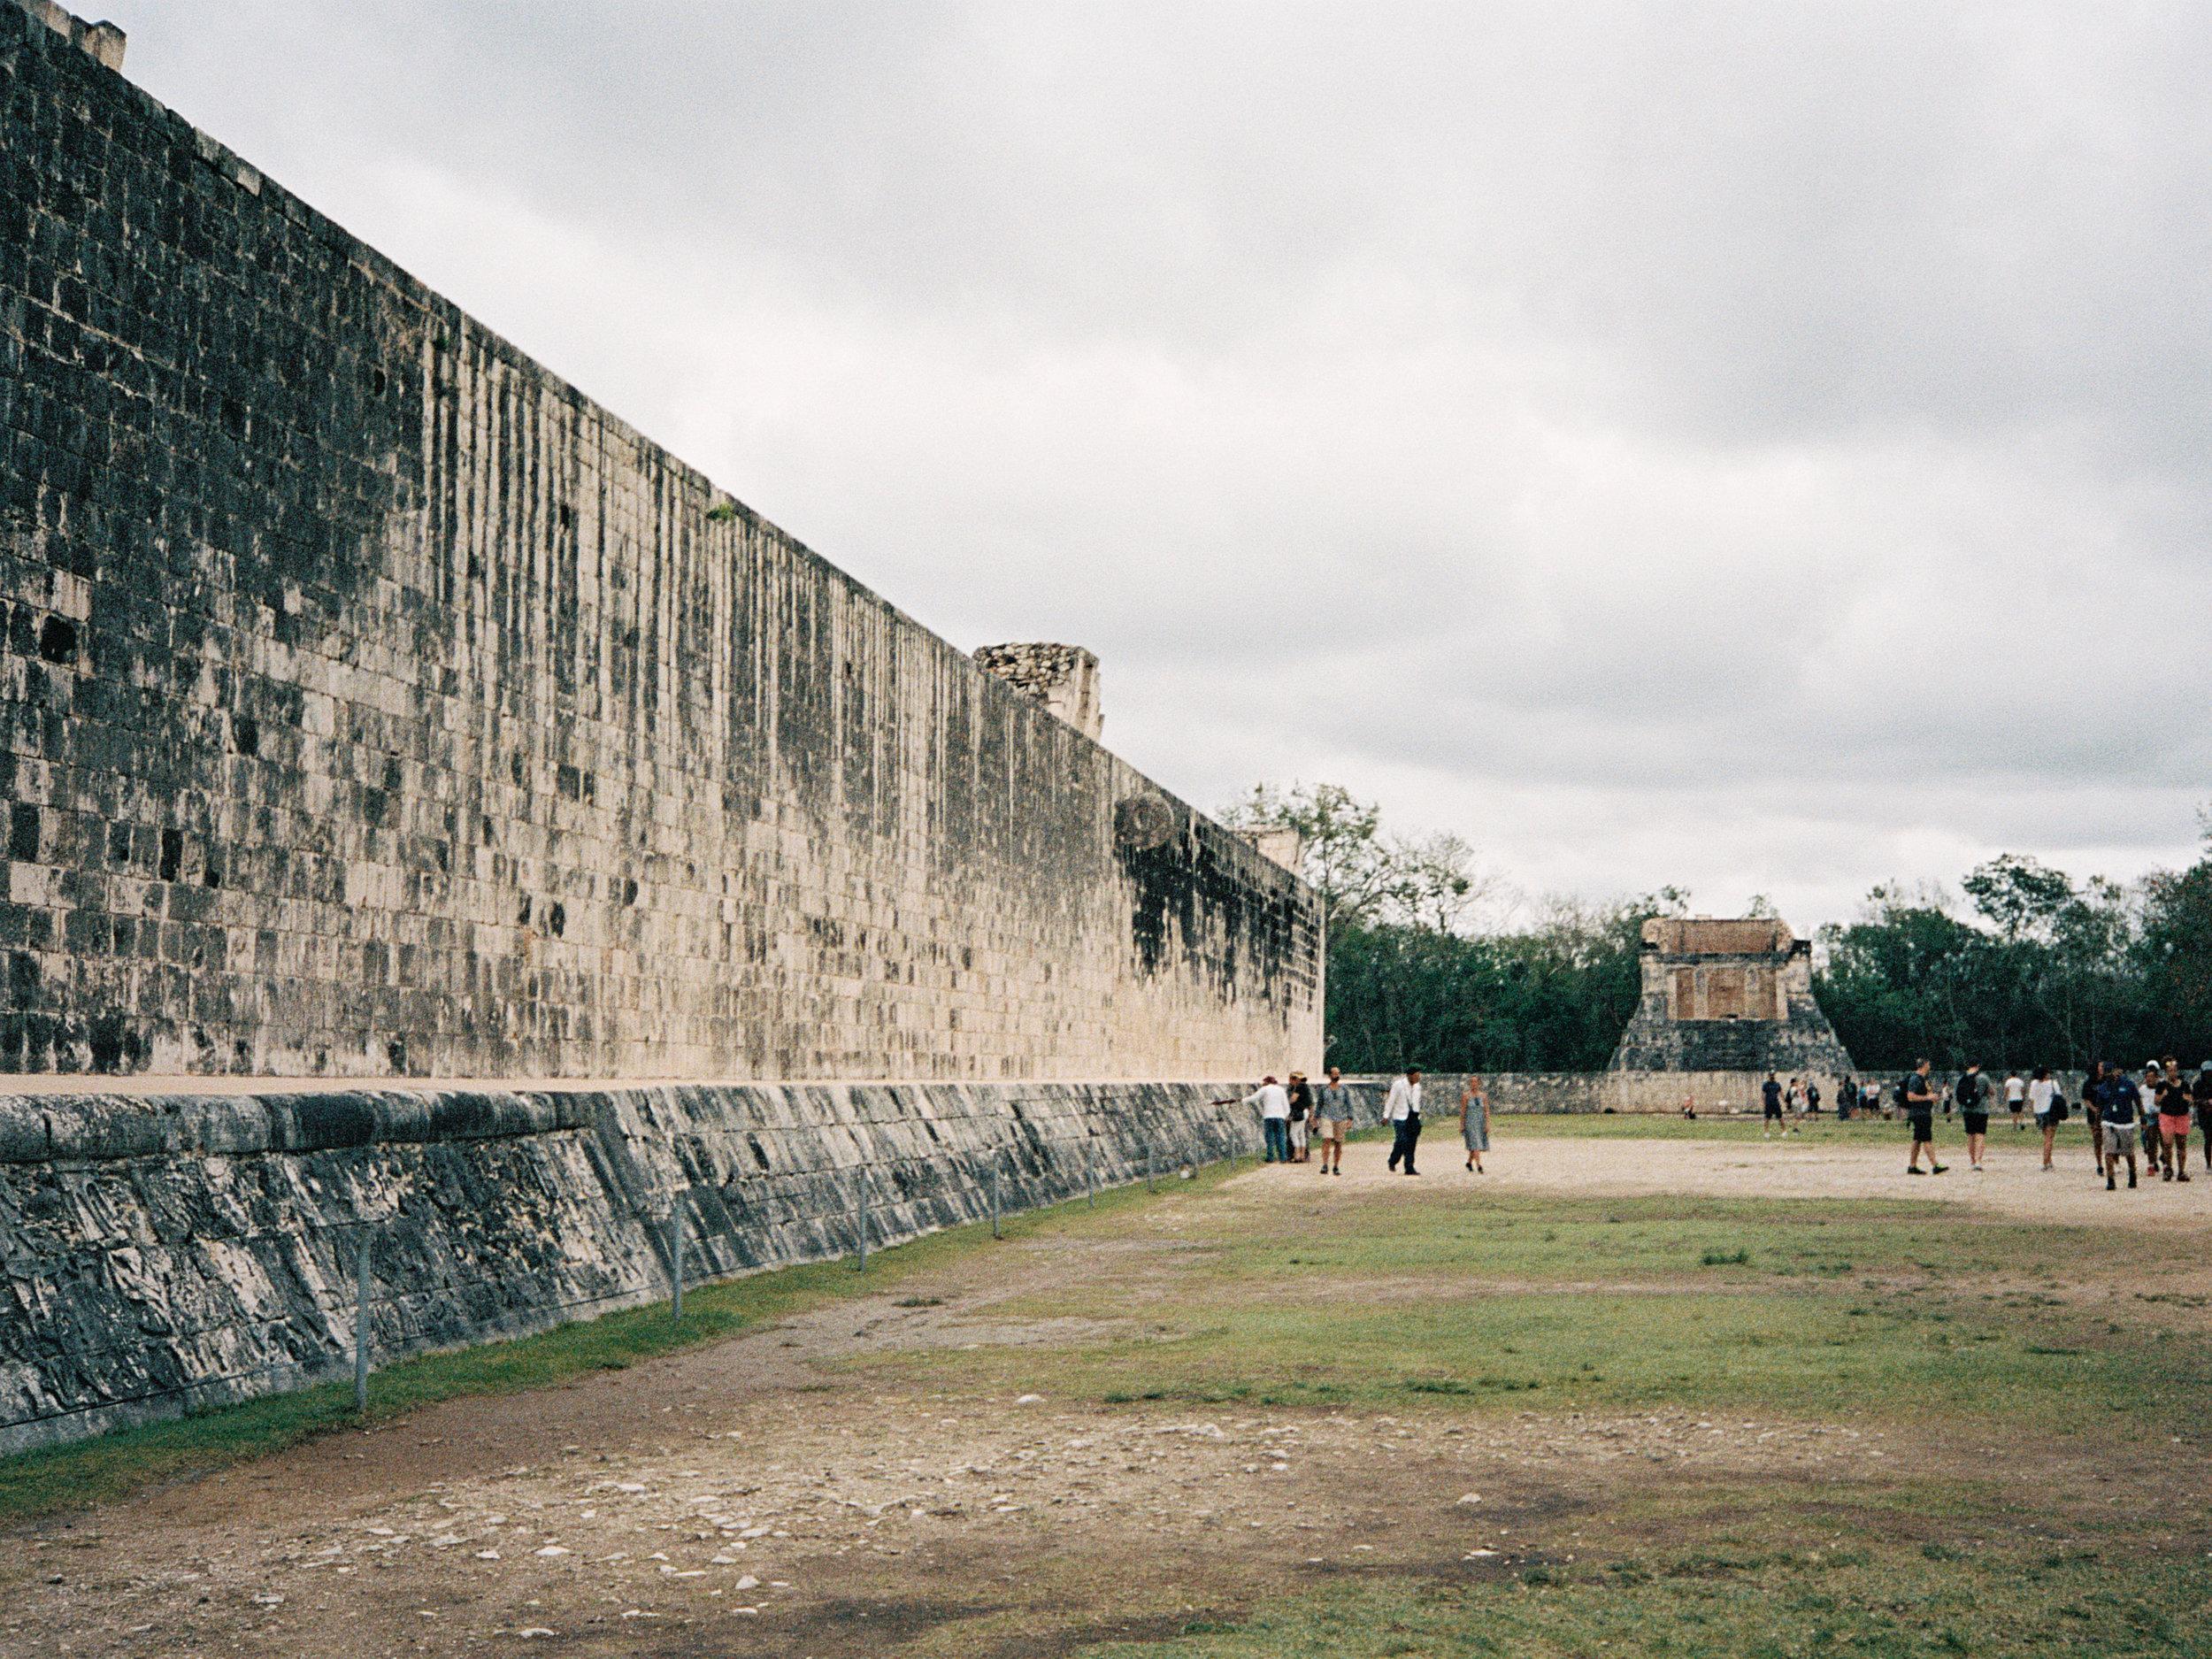 190312_MEXICO_SF_131R.jpg